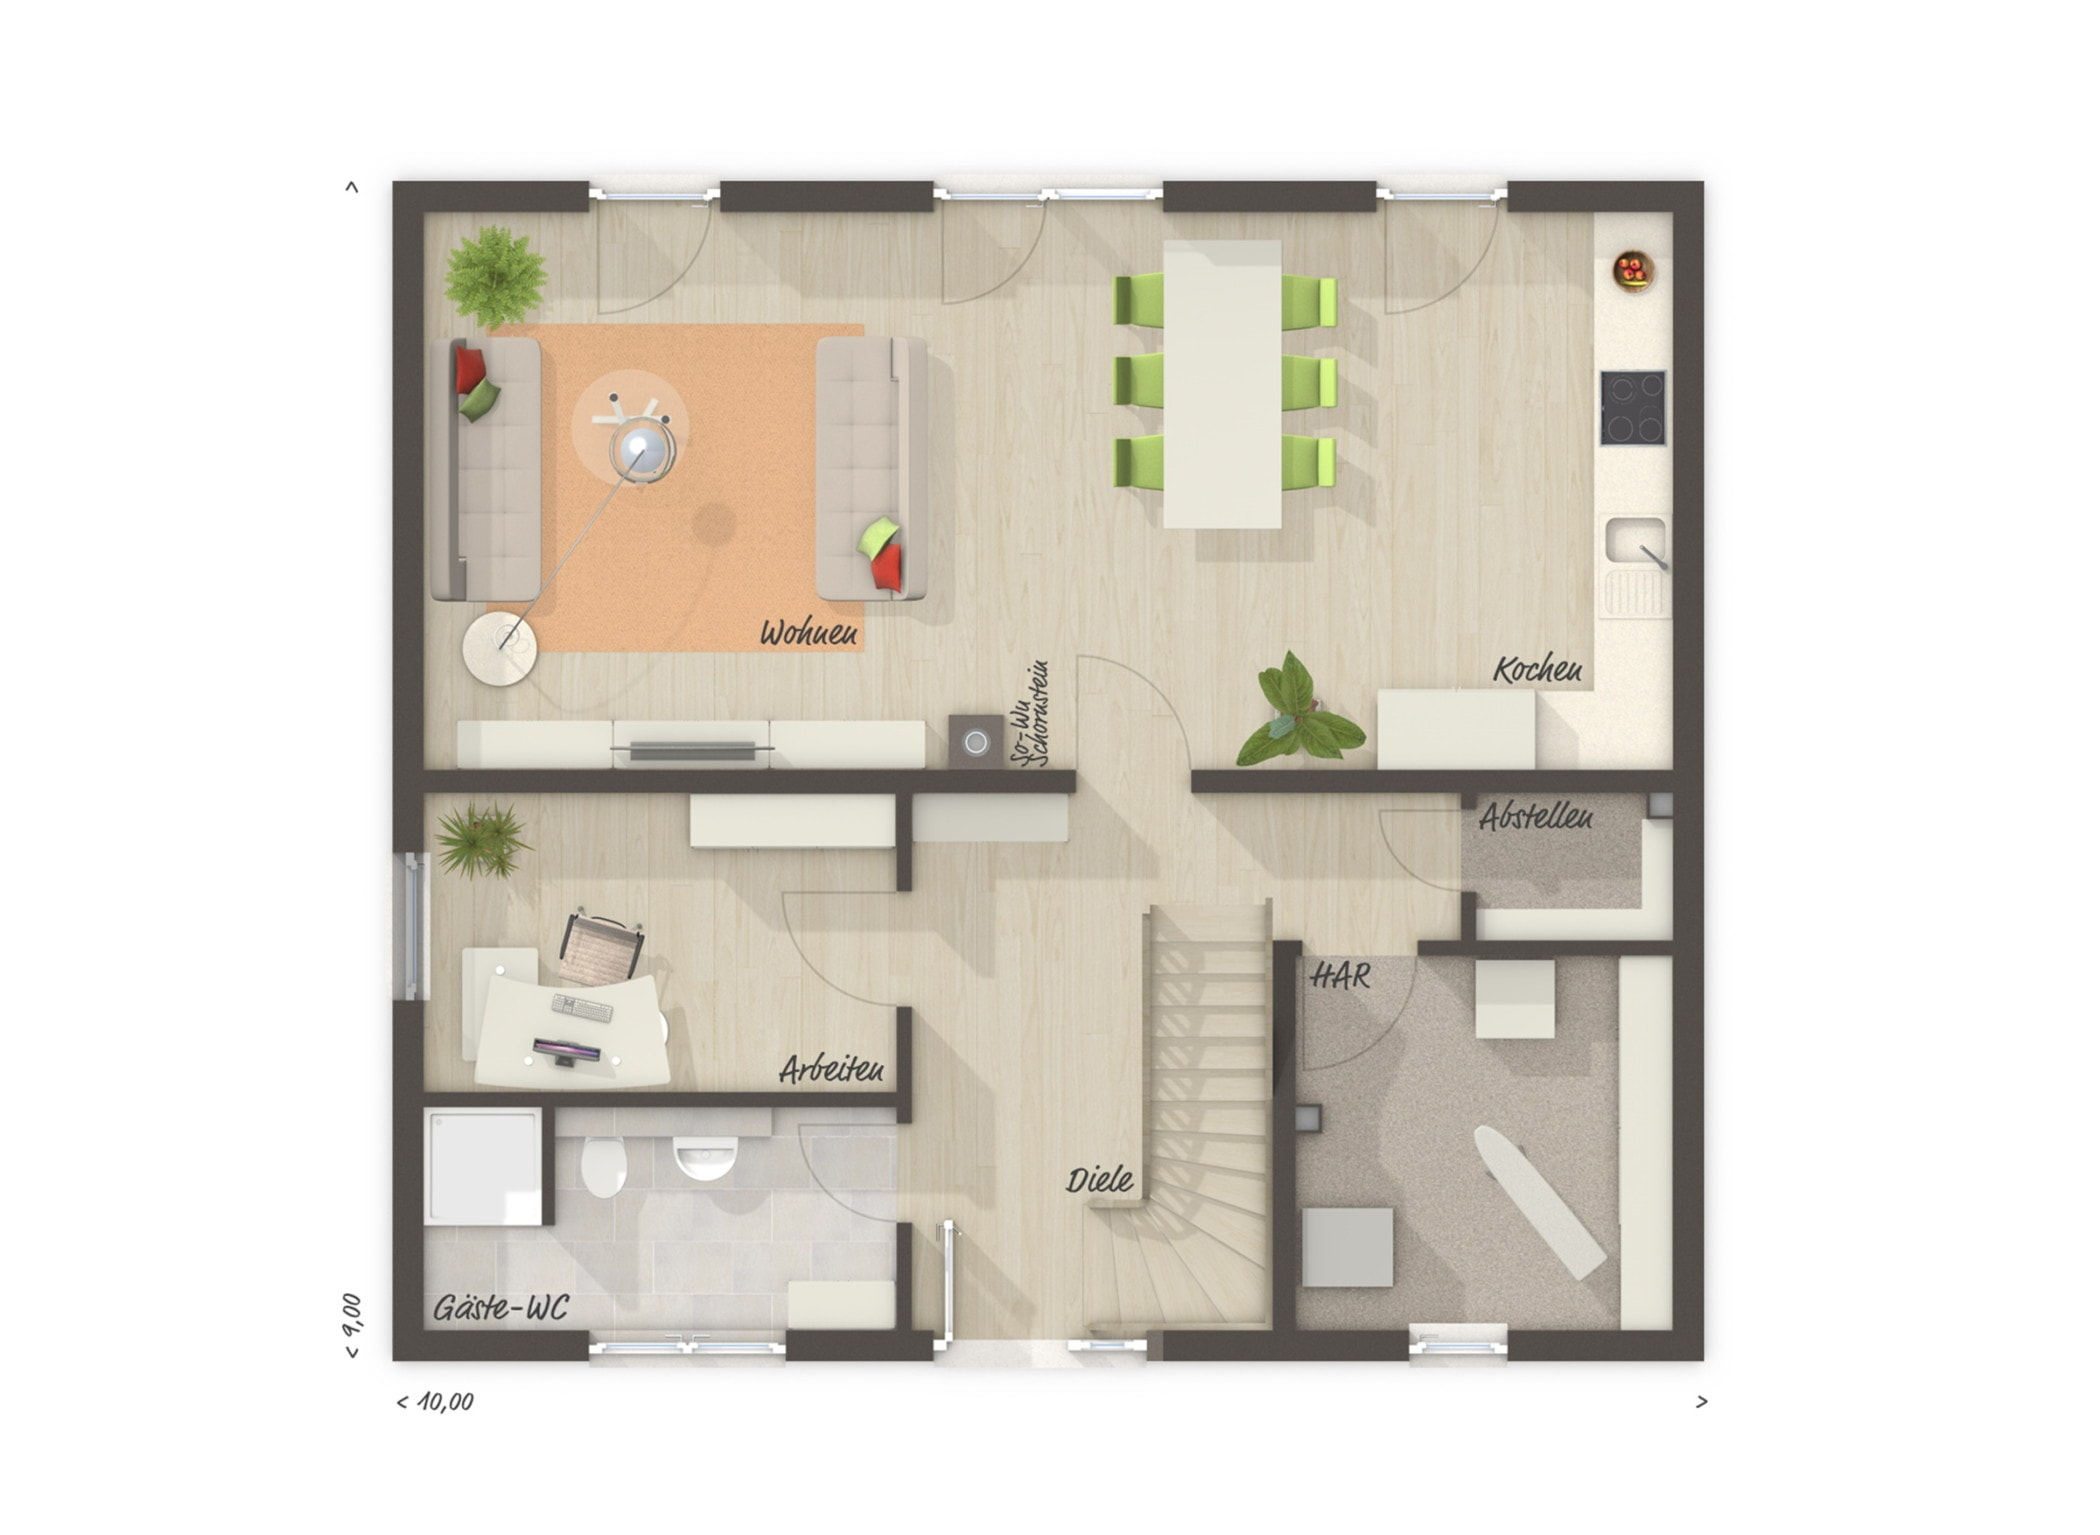 Grundriss Einfamilienhaus Erdgeschoss Küche offen, Arbeitszimmer & Gäste-Bad, 6 Zimmer, 130 qm - Massivhaus bauen Ideen Town Country Haus FLAIR 134 - HausbauDirekt.de